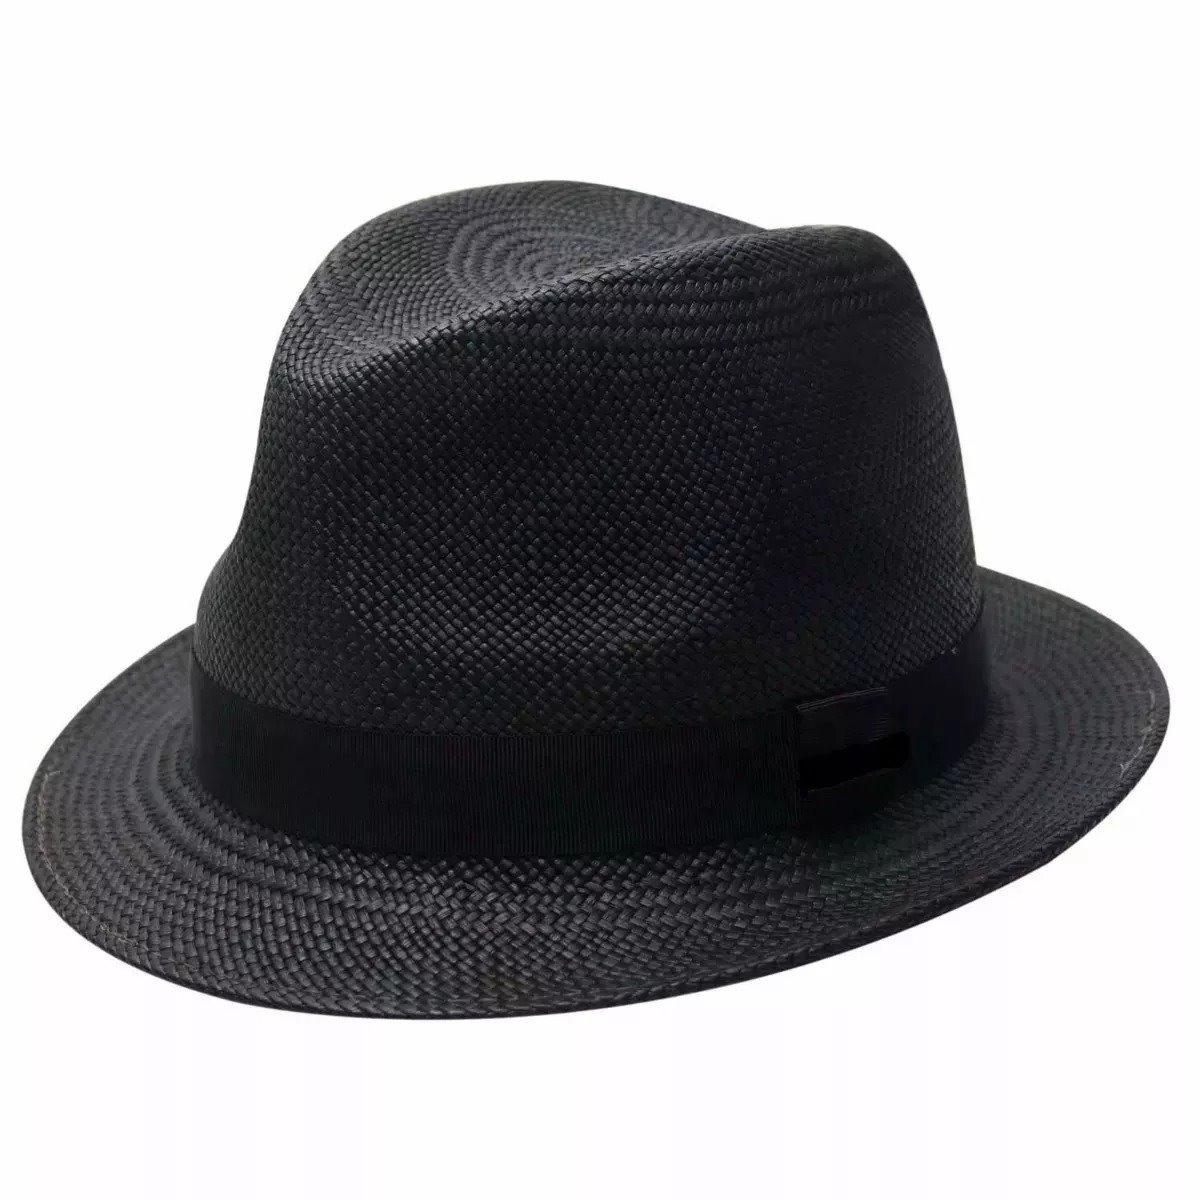 e9ec3c6dca326 chapéu moda panamá aba larga casual praia masculino feminino. Carregando  zoom.